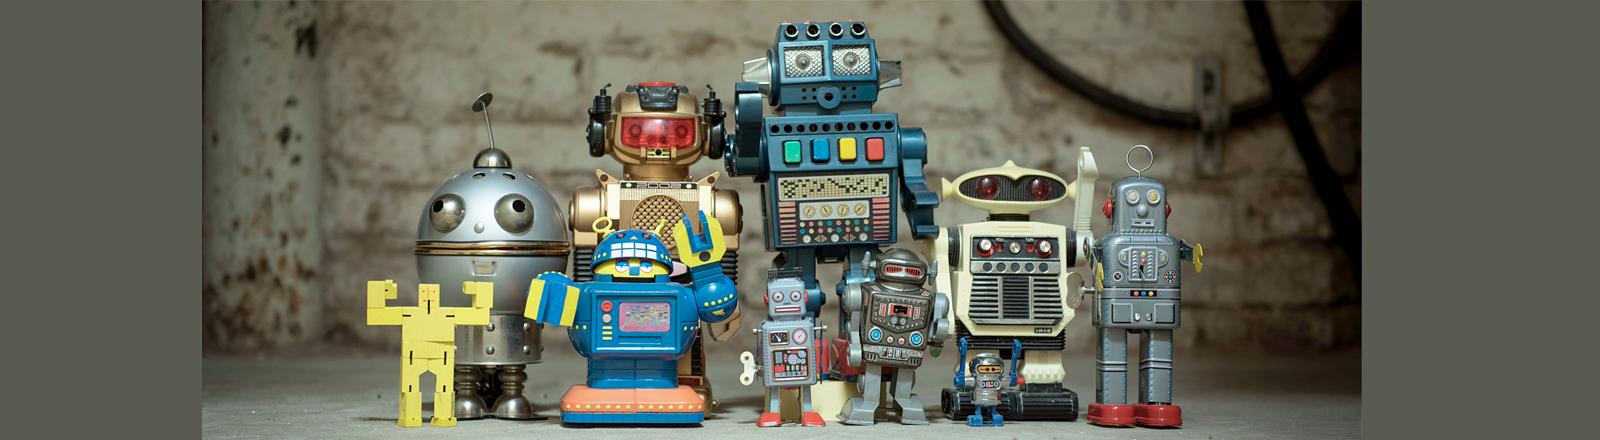 Roboter in einer Reihe